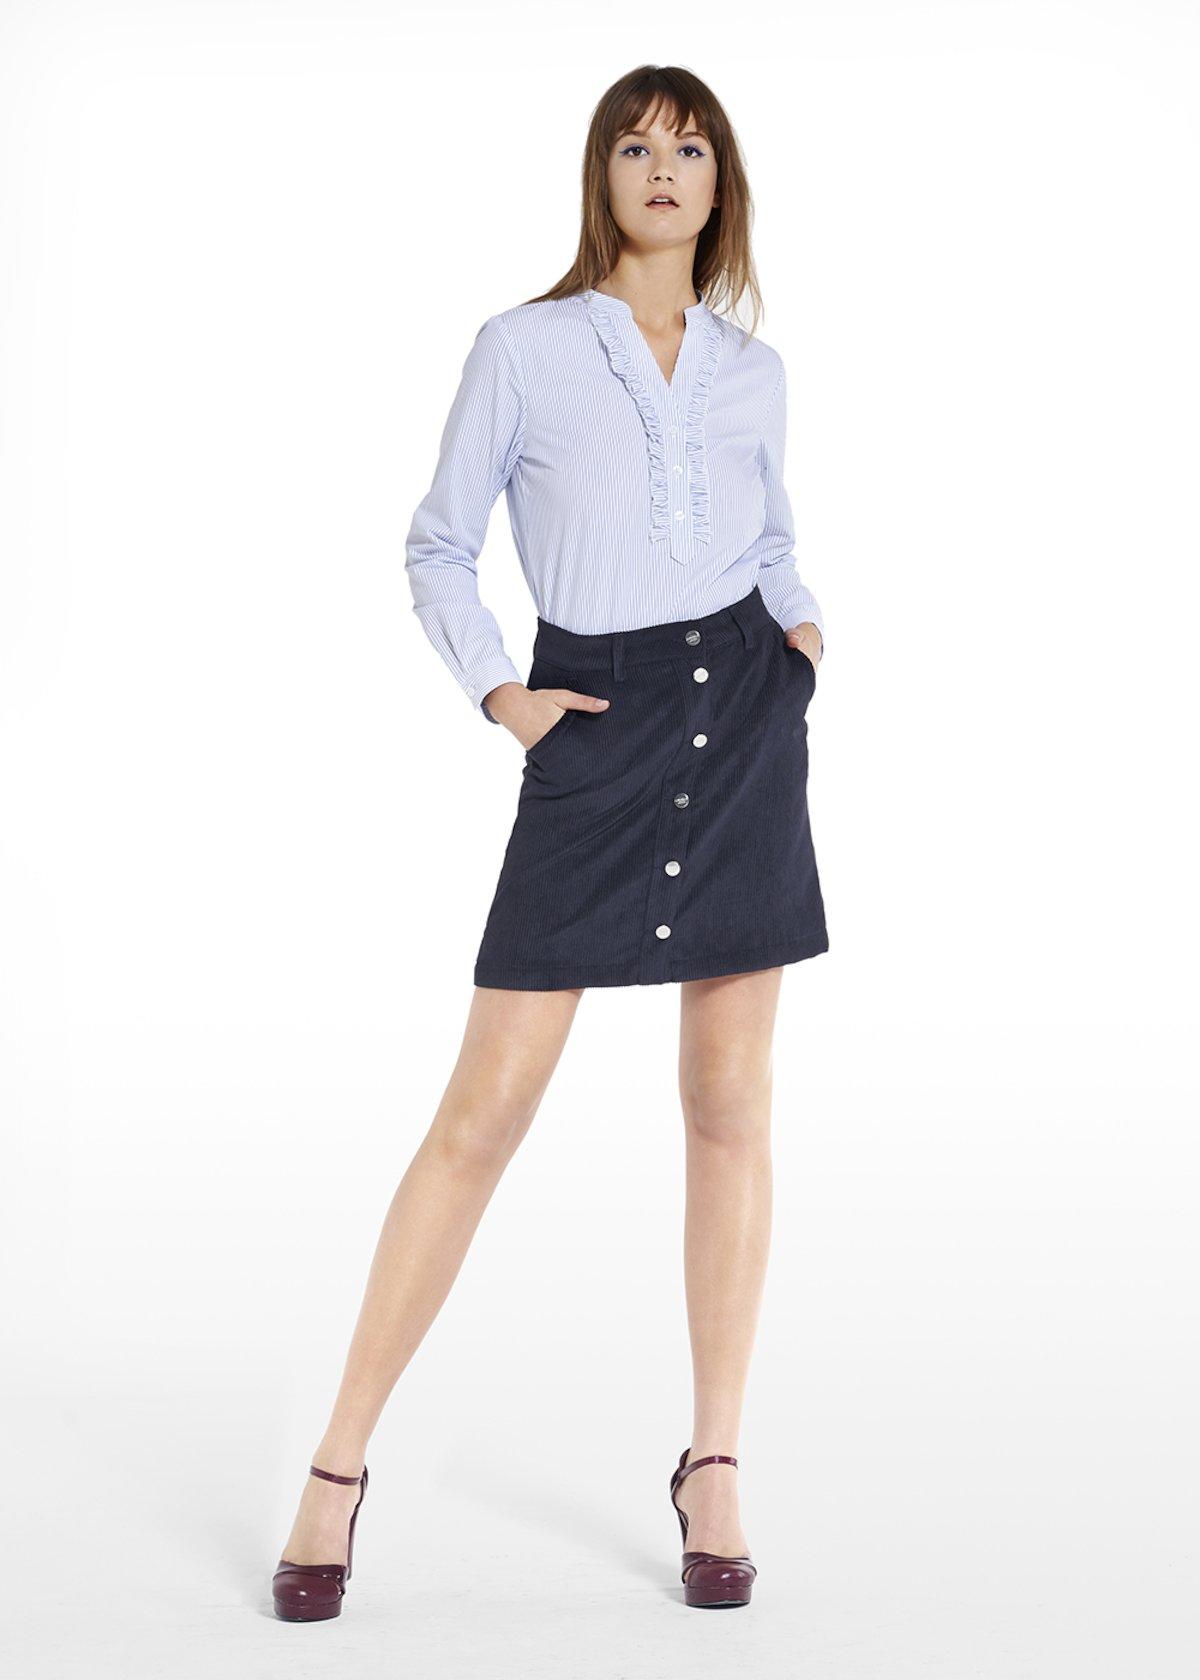 Camicia Carlotta stripes fantasy con rouches al fintone - White / Linen Stripes - Donna - Immagine categoria